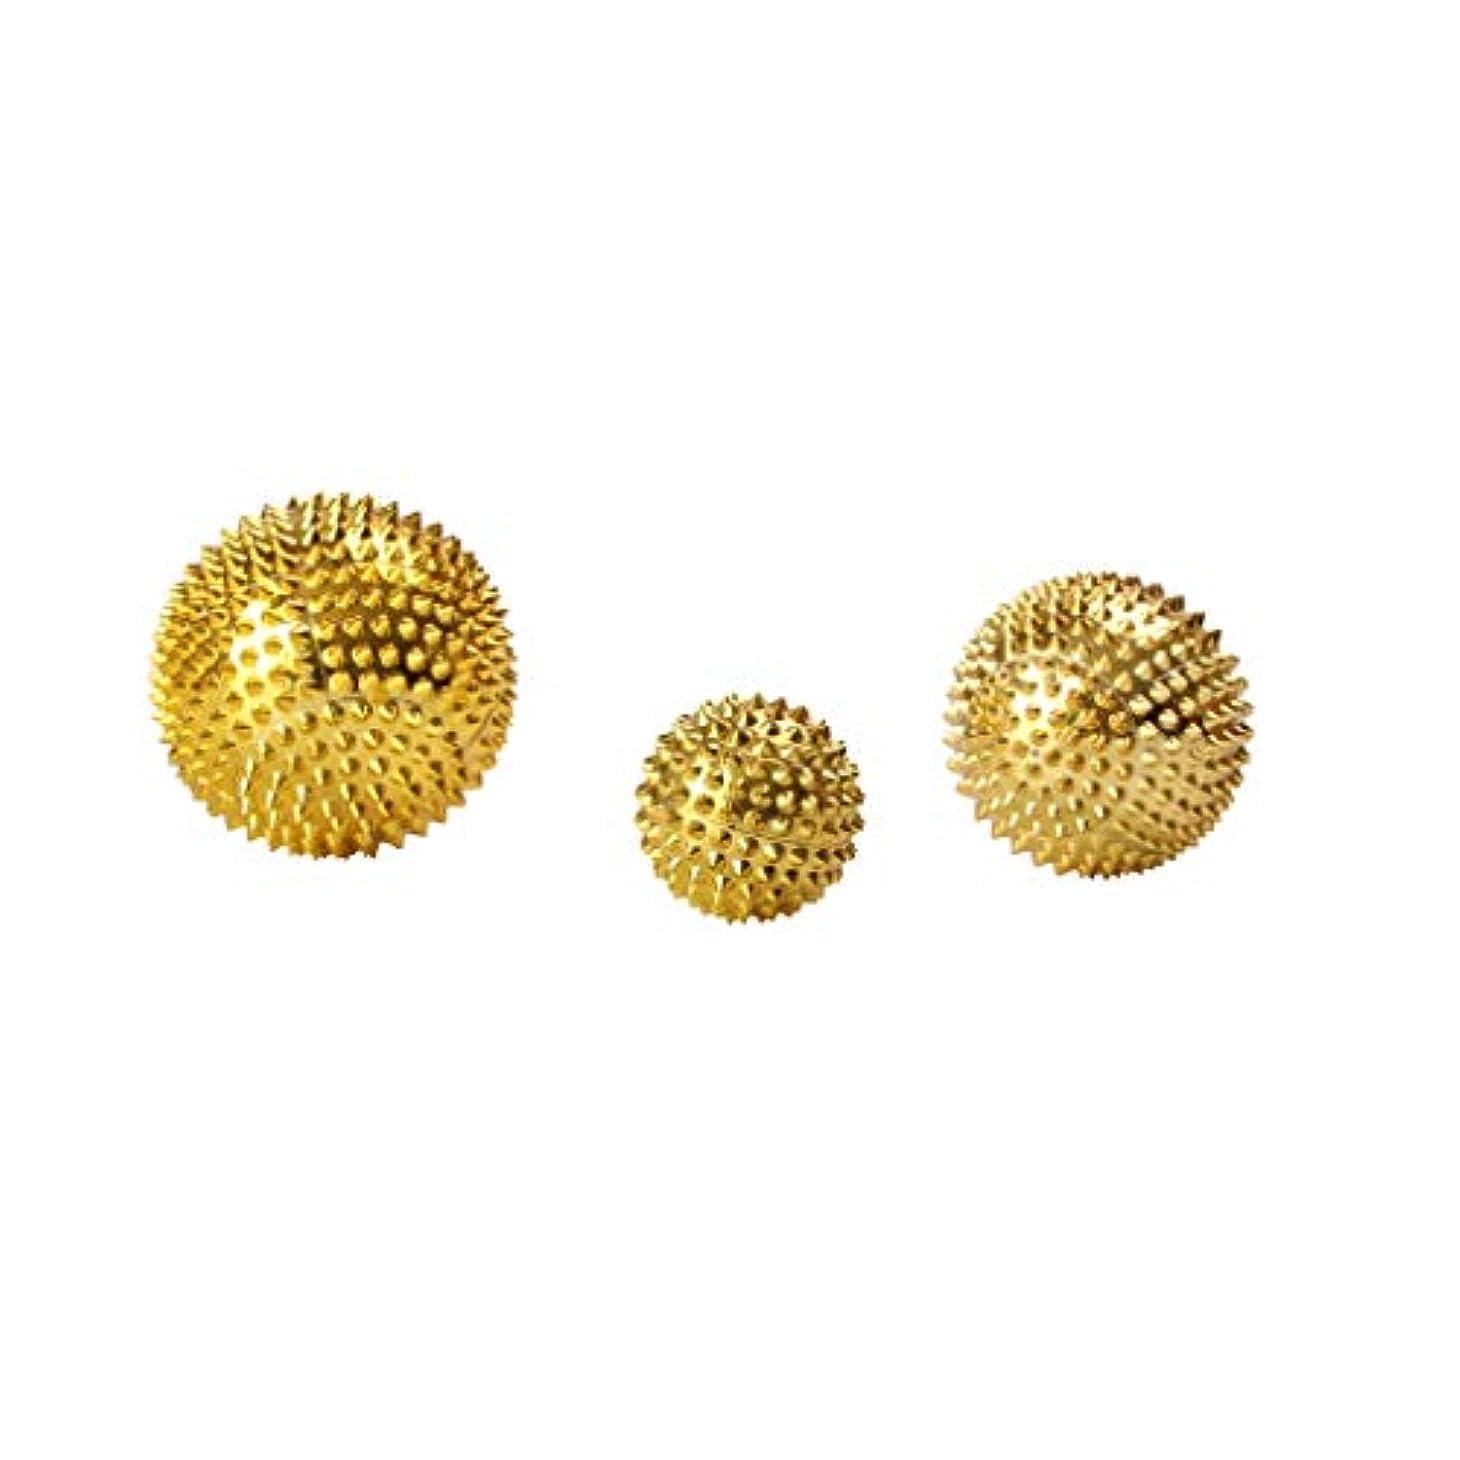 賃金郵便会社Fenteer 3個セット 磁気マッサージボール スパイク ローラー マッサージ 2色選べ - ゴールド